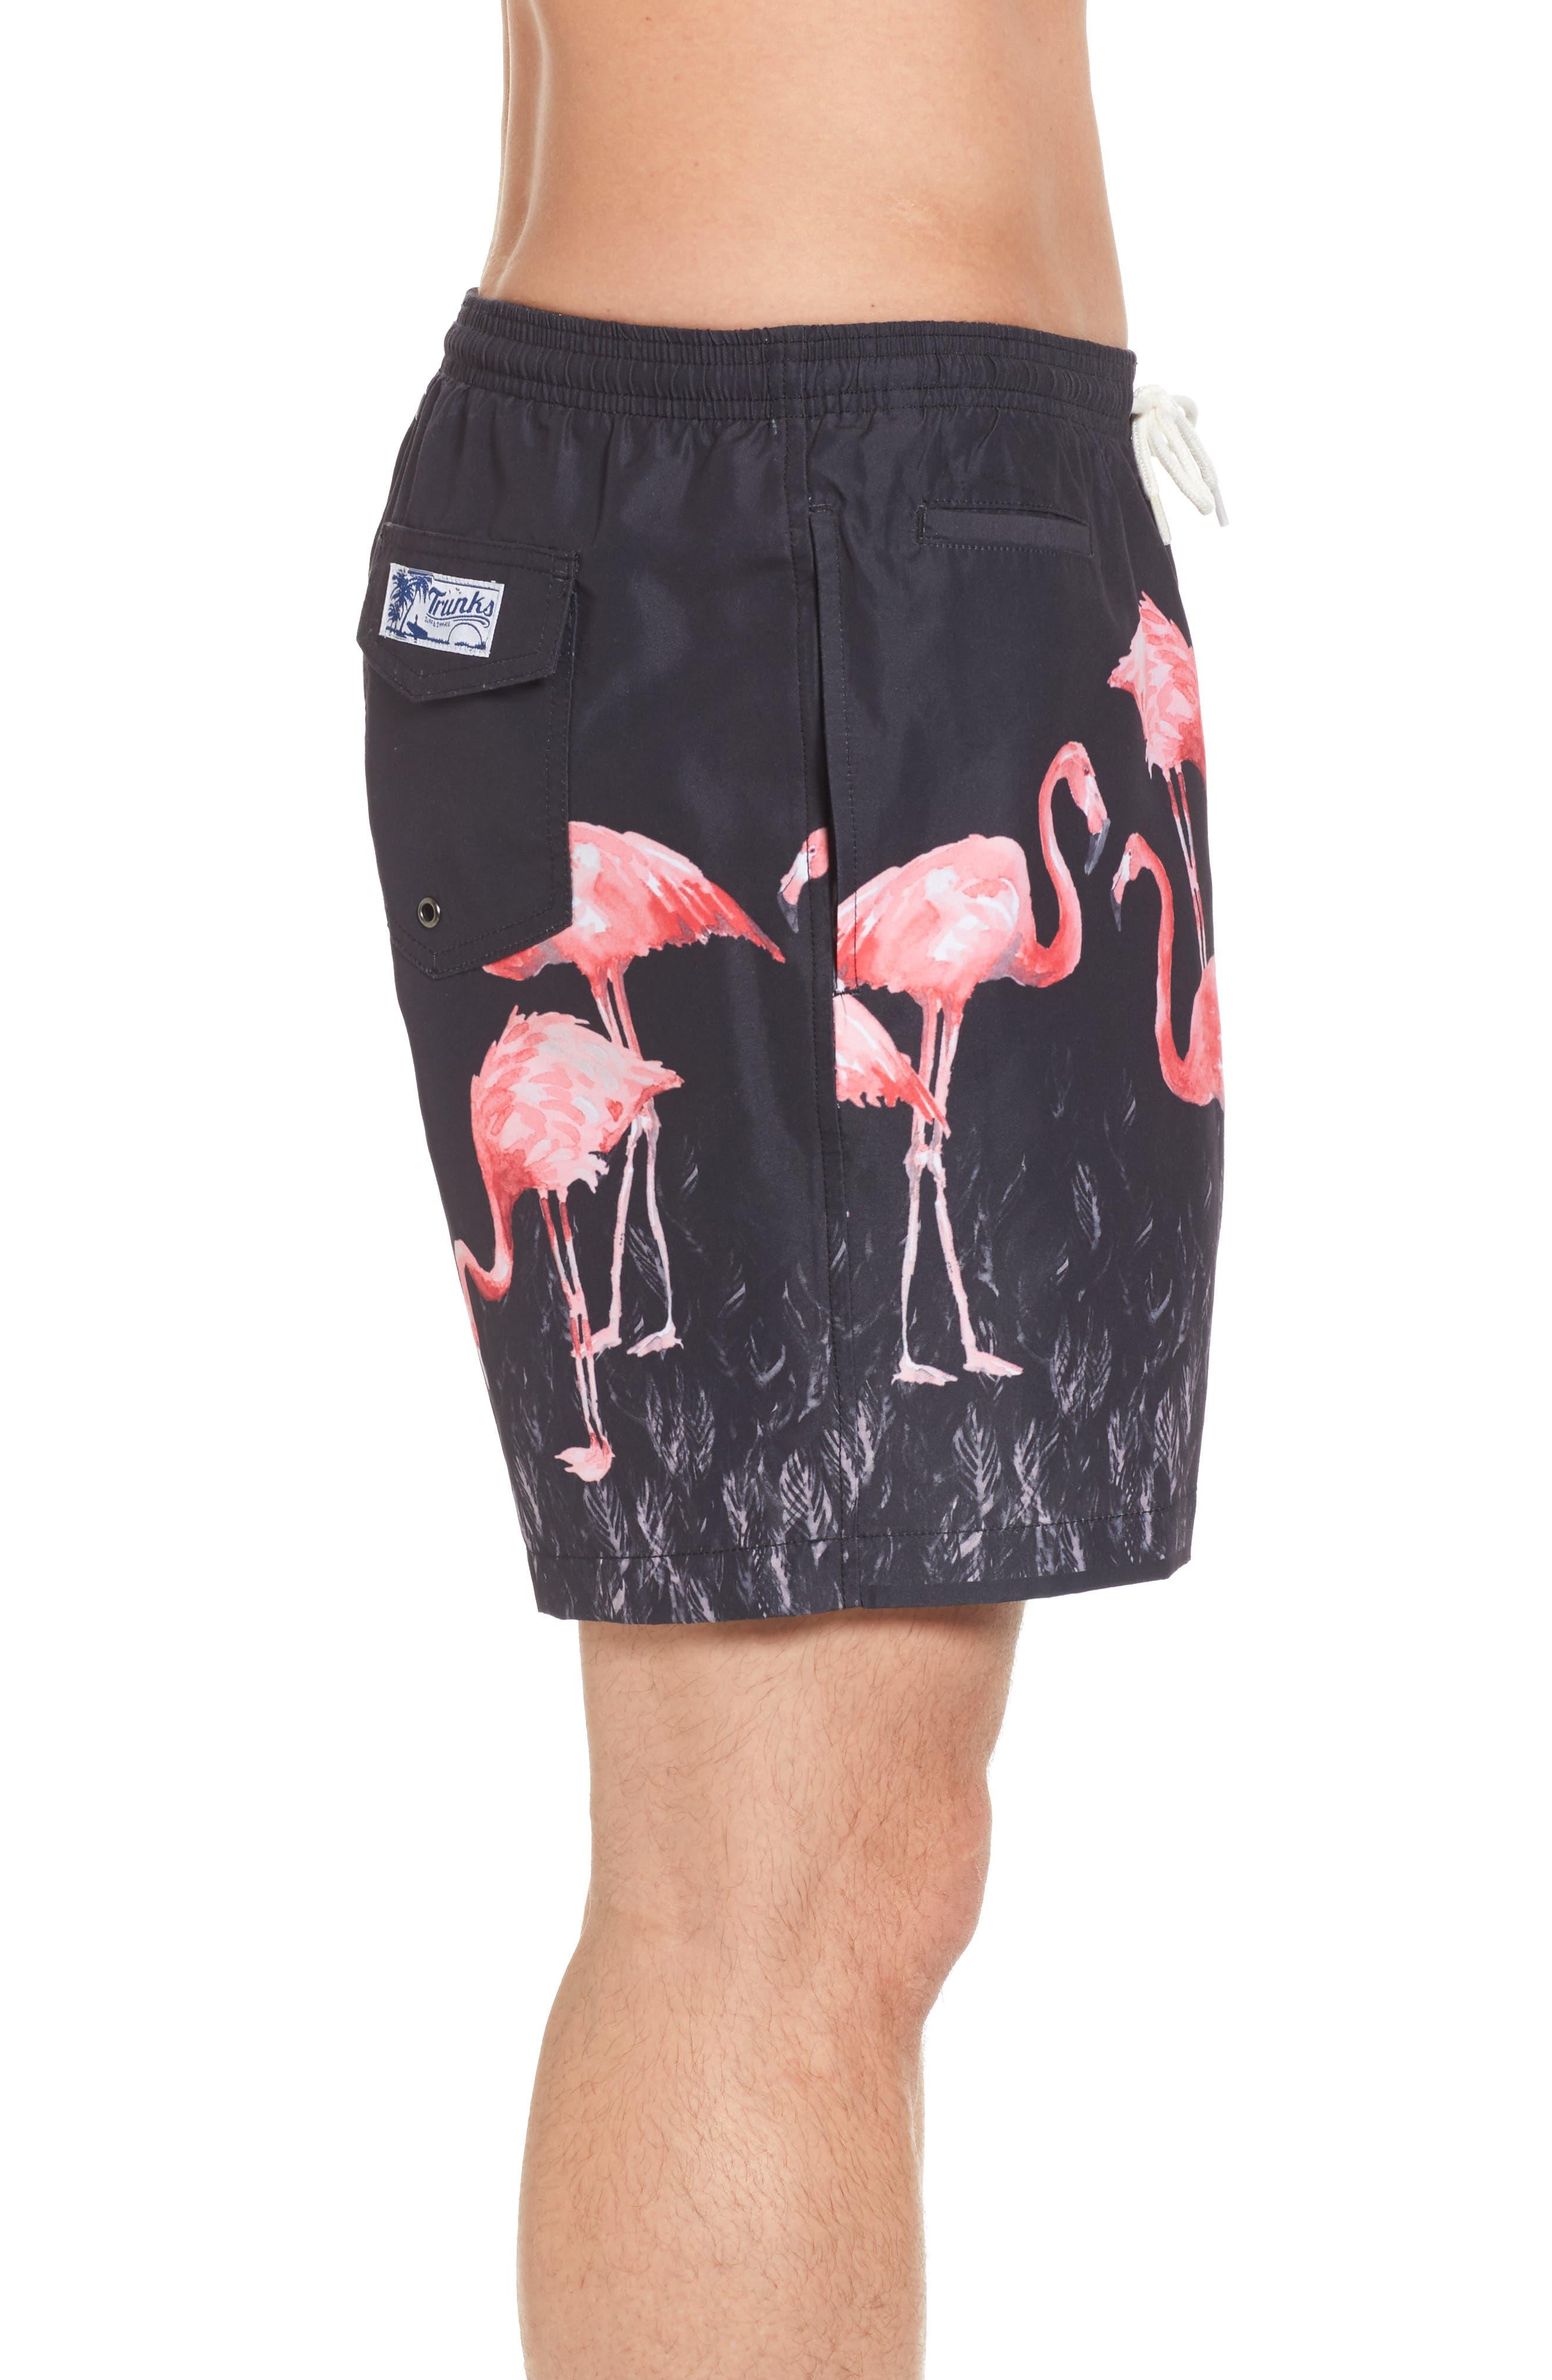 San O Flamingo Print Swim Trunks,                             Alternate thumbnail 3, color,                             Black Multi